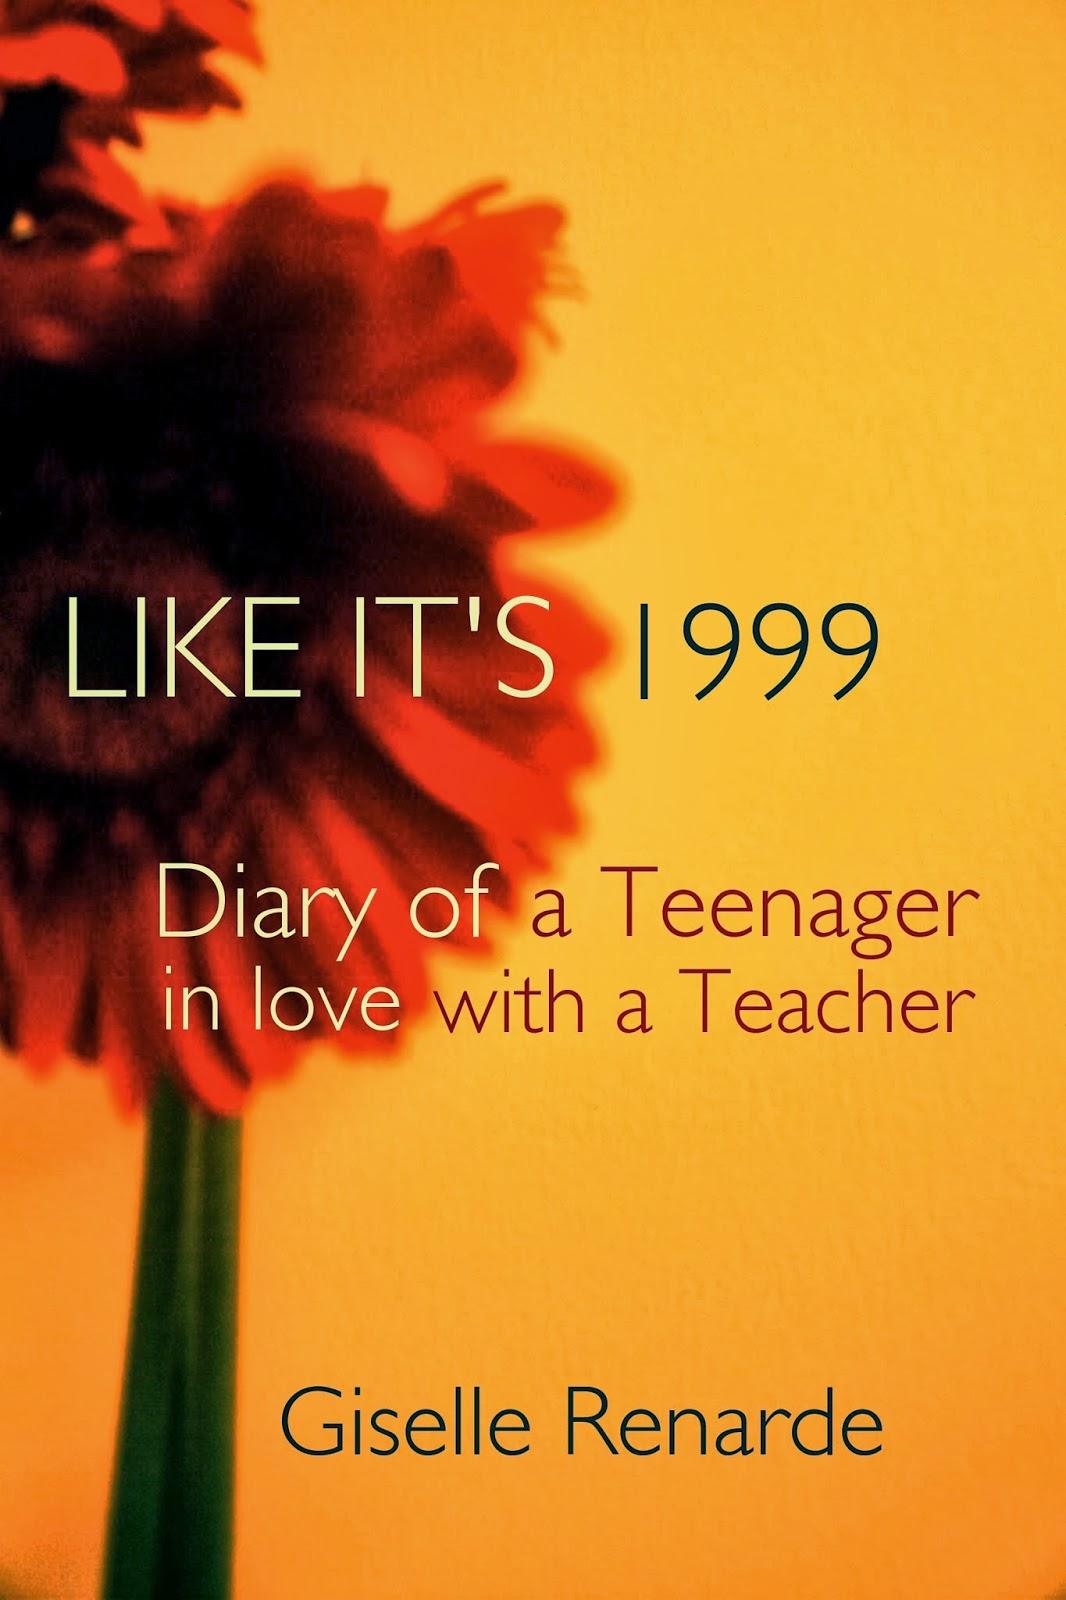 http://www.amazon.com/LIKE-ITS-1999-Teenager-Teacher-ebook/dp/B00IZOQLL0